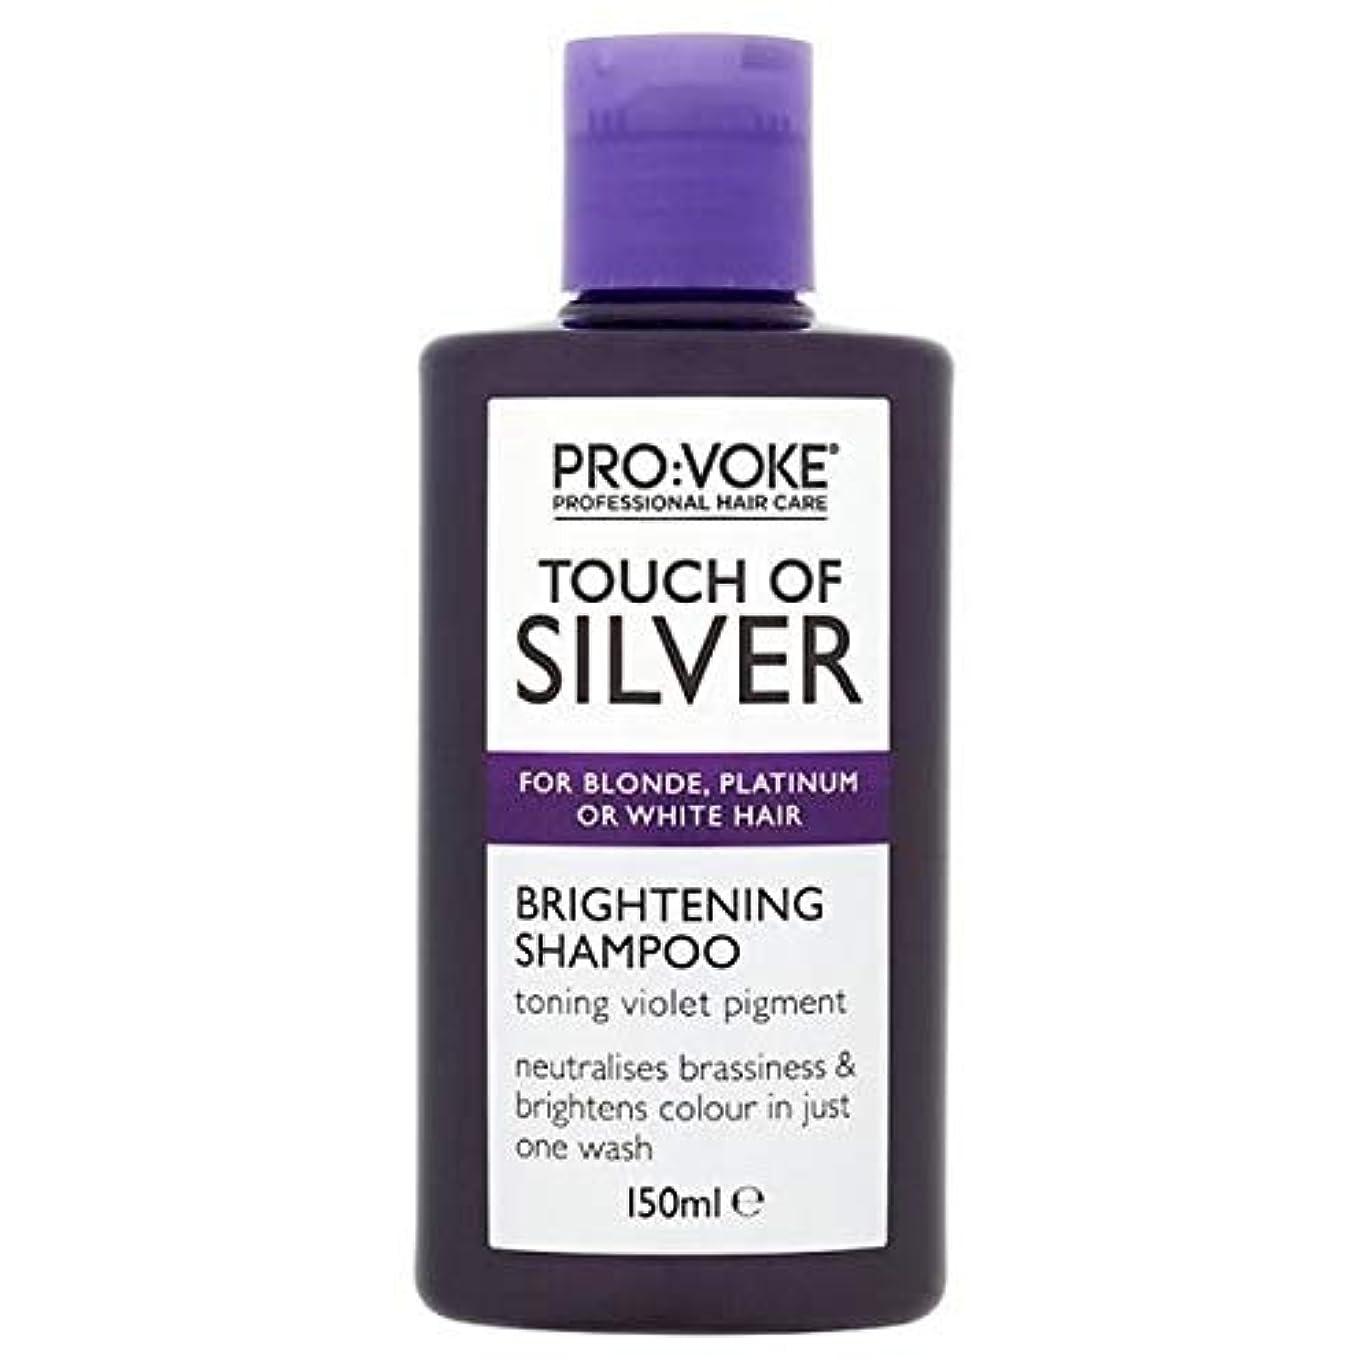 口頭プレミアム依存[Pro:Voke] プロ:紫色のシャンプー150ミリリットルを明るく銀のVokeタッチ - PRO:VOKE Touch Of Silver Brightening Purple Shampoo 150ml [並行輸入品]